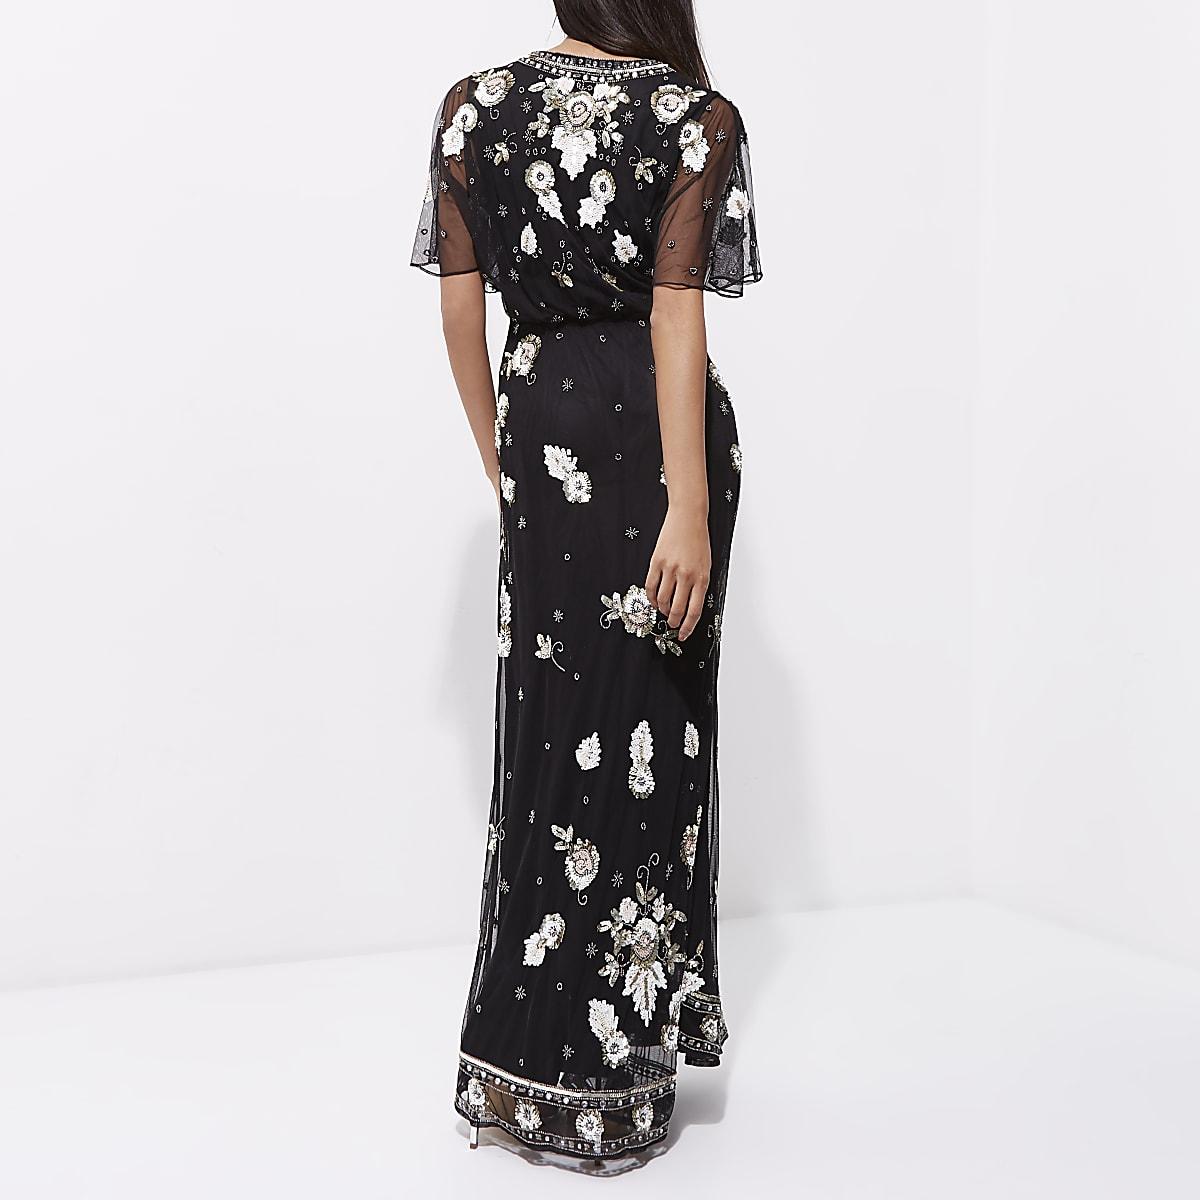 8ad9a1d77f6 Robe longue cape en tulle noire ornée de sequins - Robes longues ...